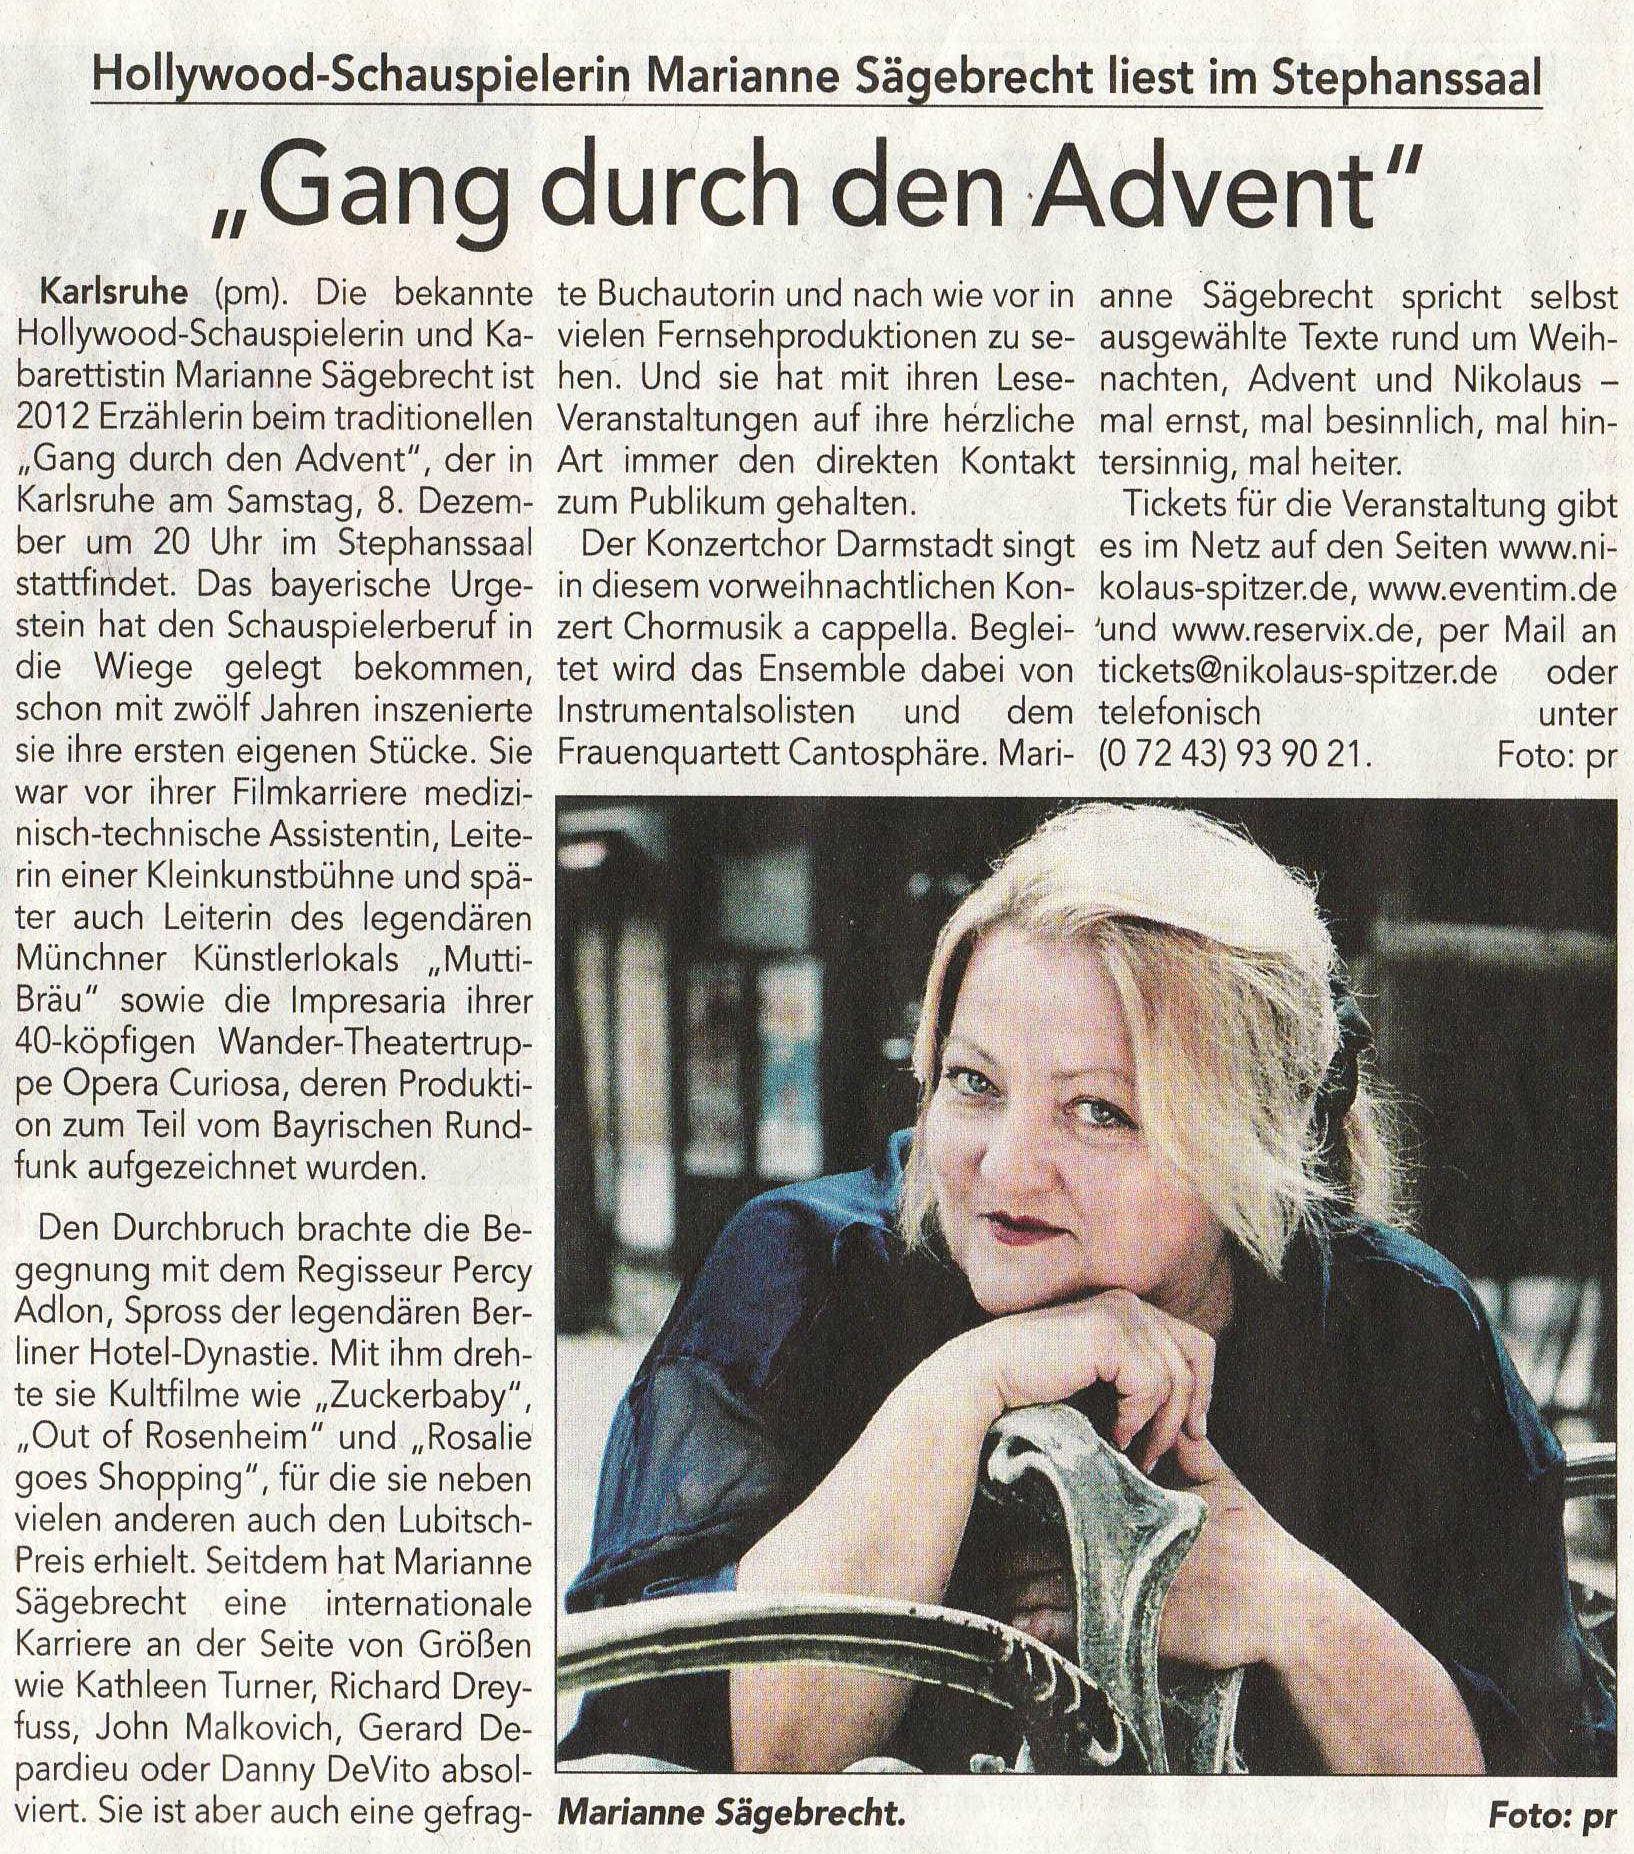 GangAdvent08122012